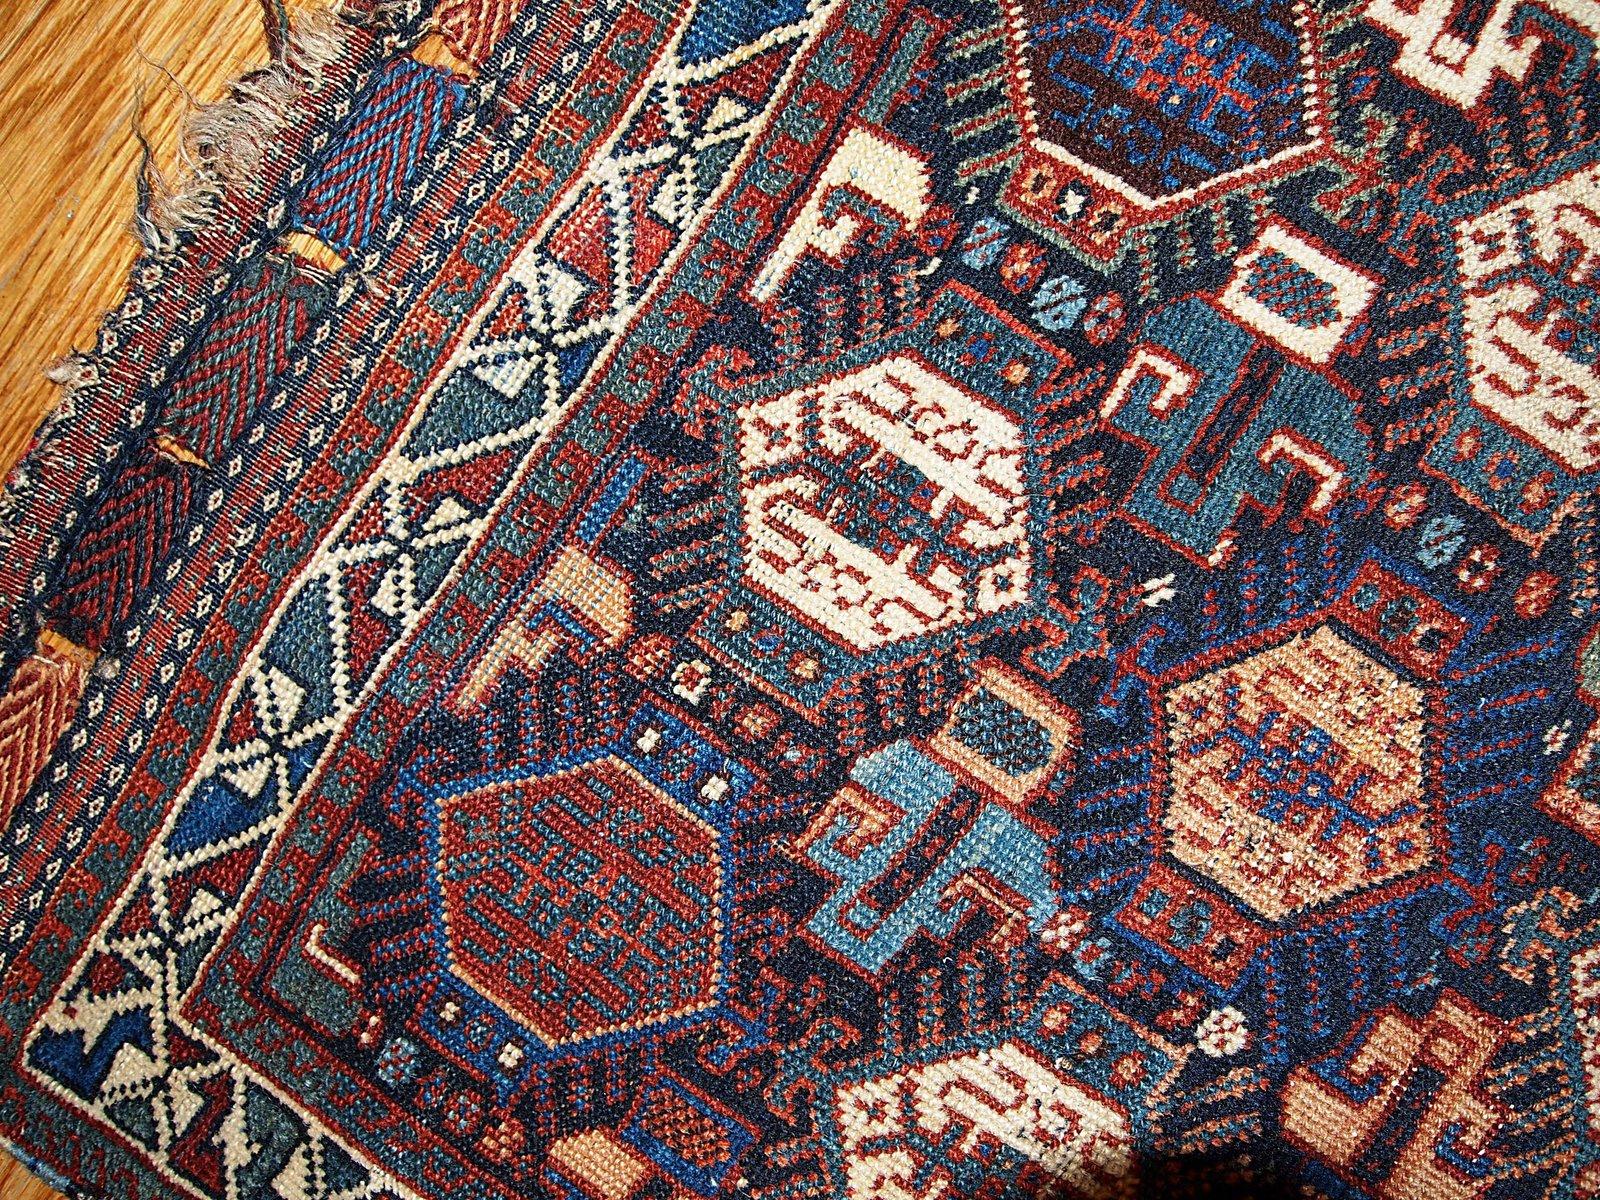 antiker handgekn pfter persischer khamseh teppich 1880er. Black Bedroom Furniture Sets. Home Design Ideas